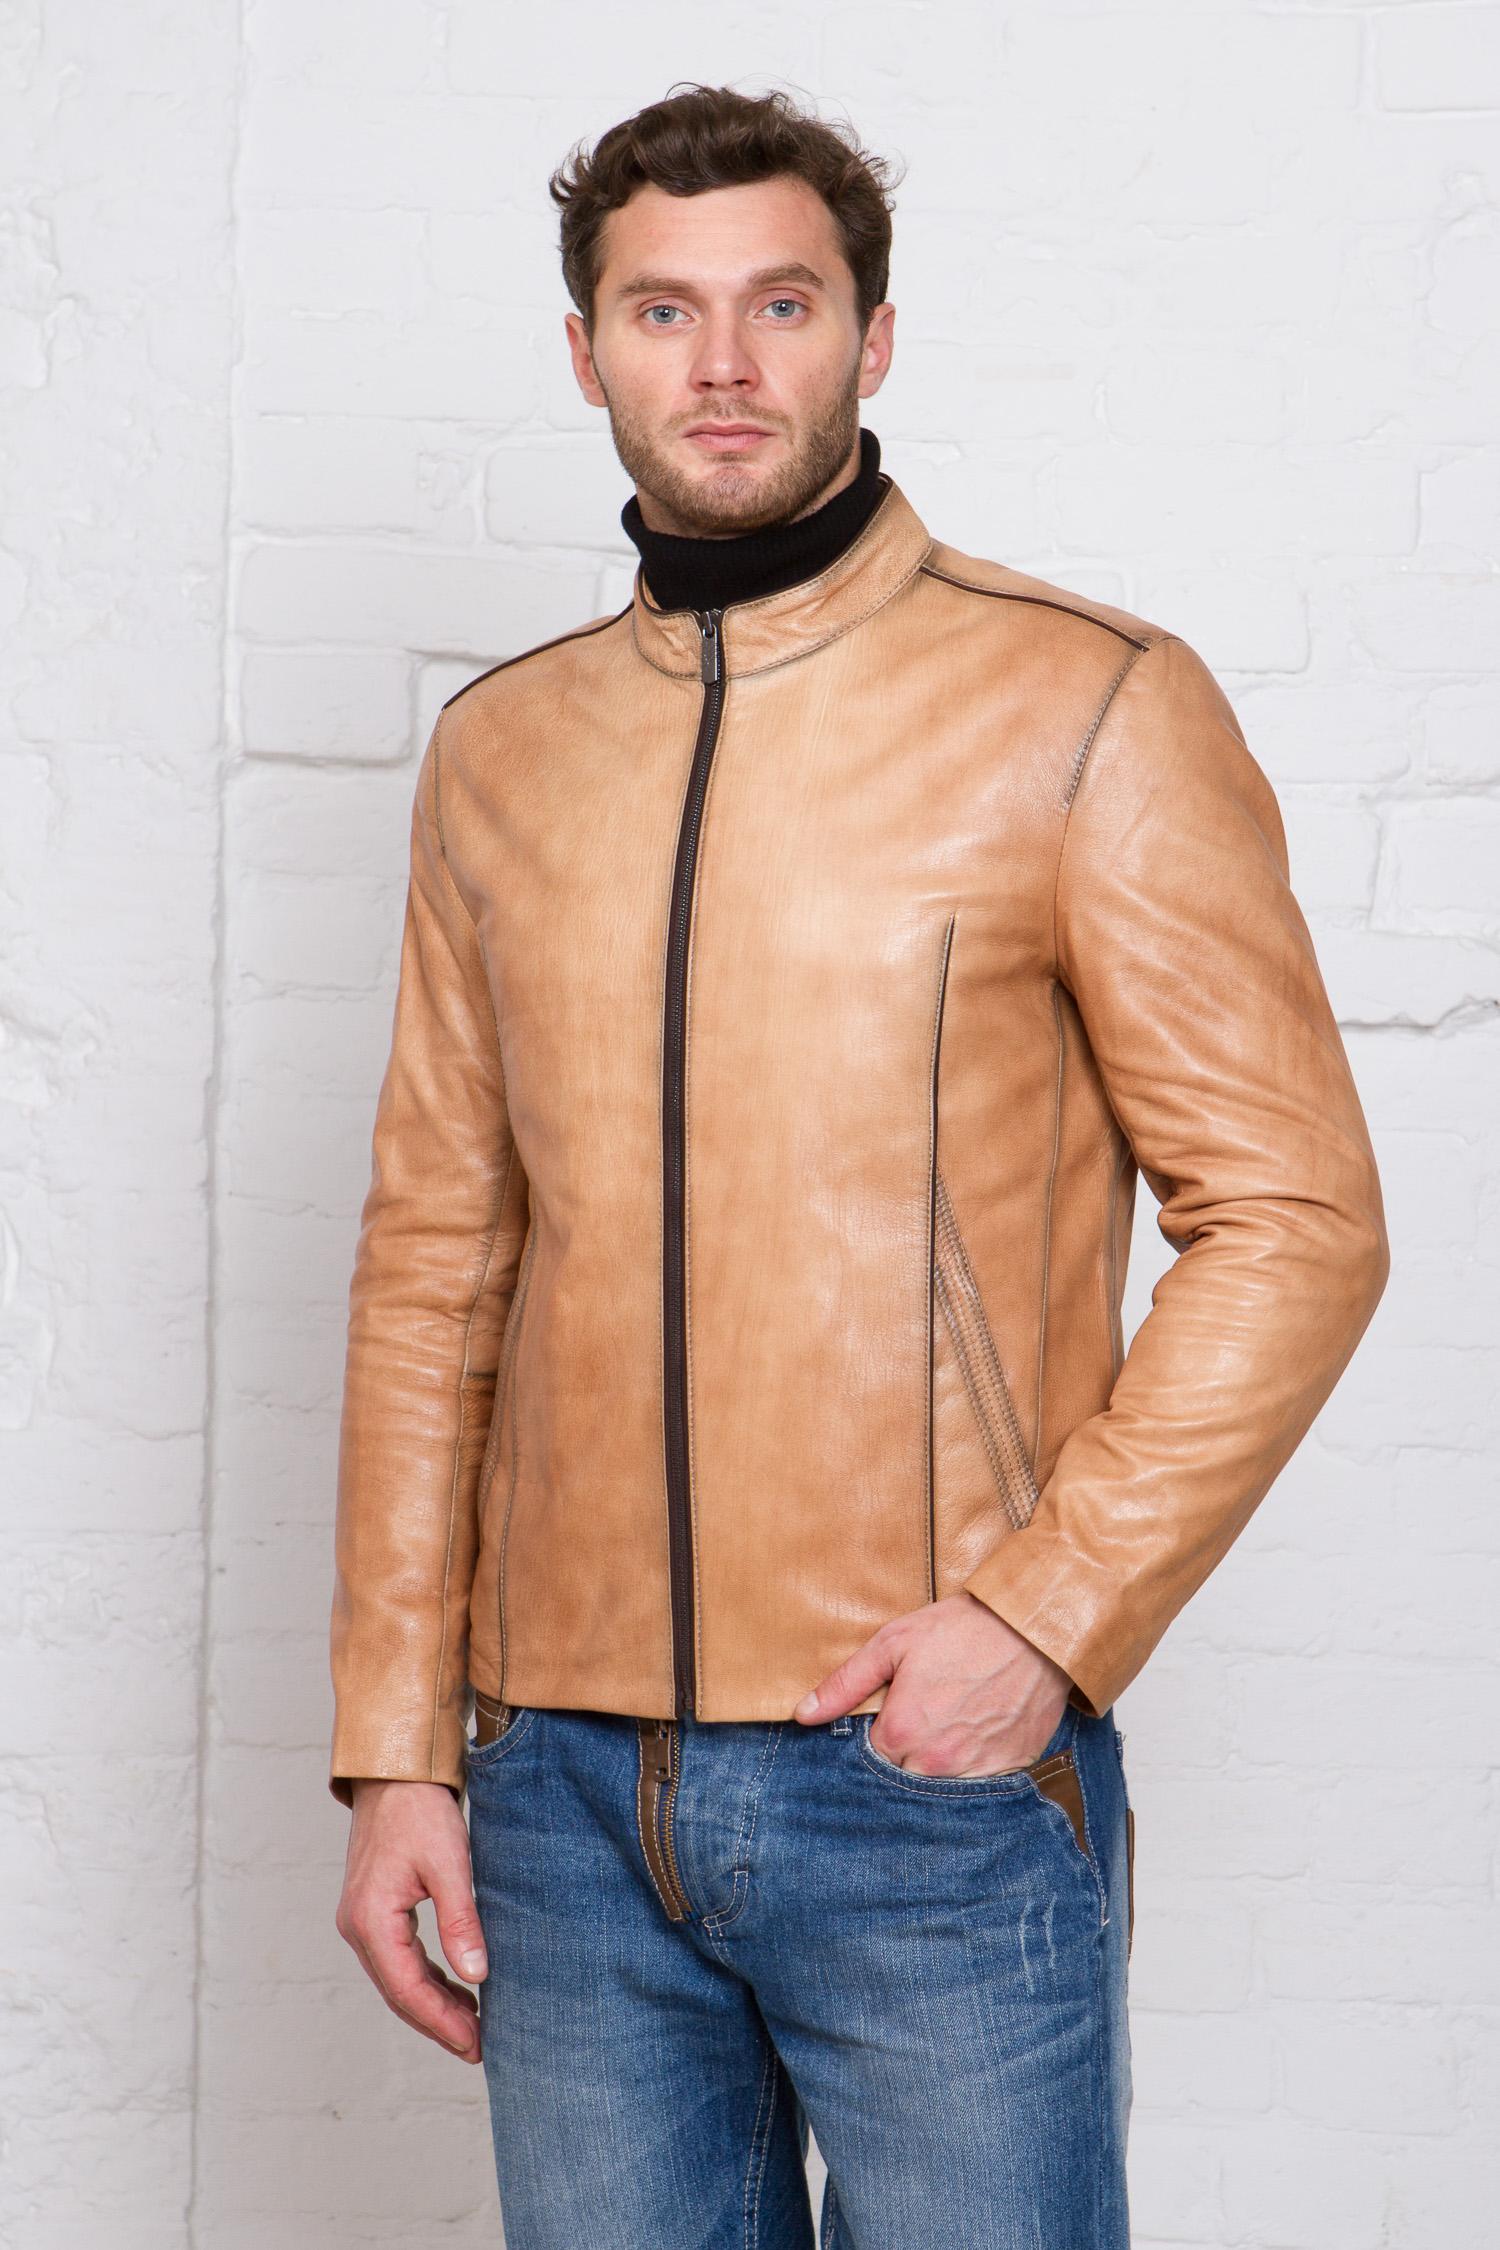 Мужская кожаная куртка из натуральной кожи<br><br>Воротник: стойка<br>Длина см: Короткая (51-74 )<br>Материал: Кожа овчина<br>Цвет: бежевый<br>Вид застежки: центральная<br>Застежка: на молнии<br>Пол: Мужской<br>Размер RU: 52